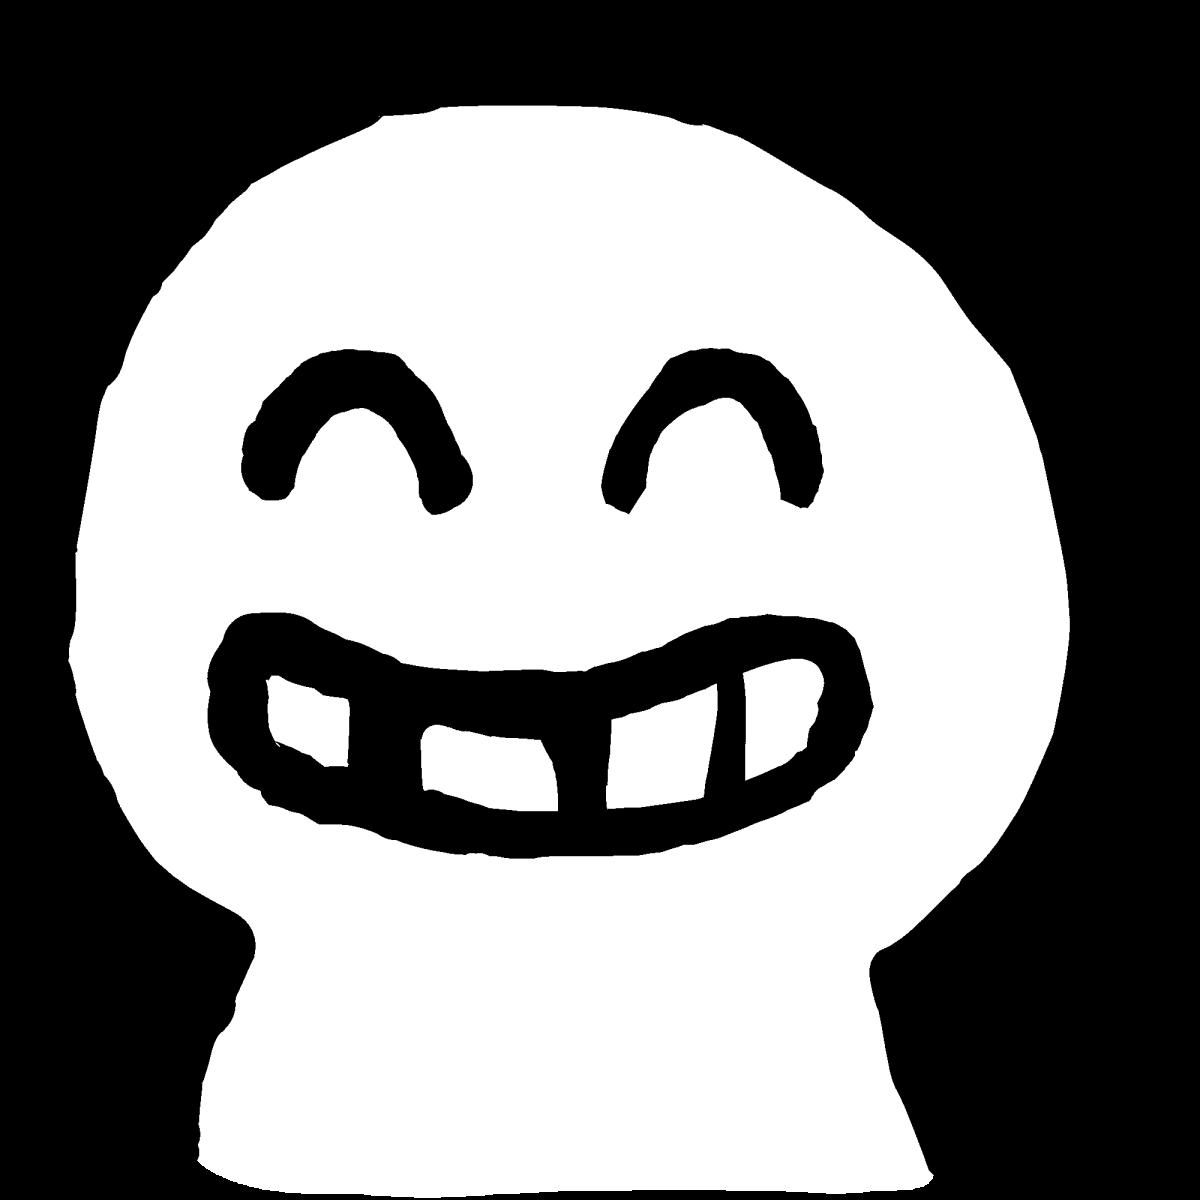 歯を出して笑うのイラスト / laugh one's teeth out Illustration